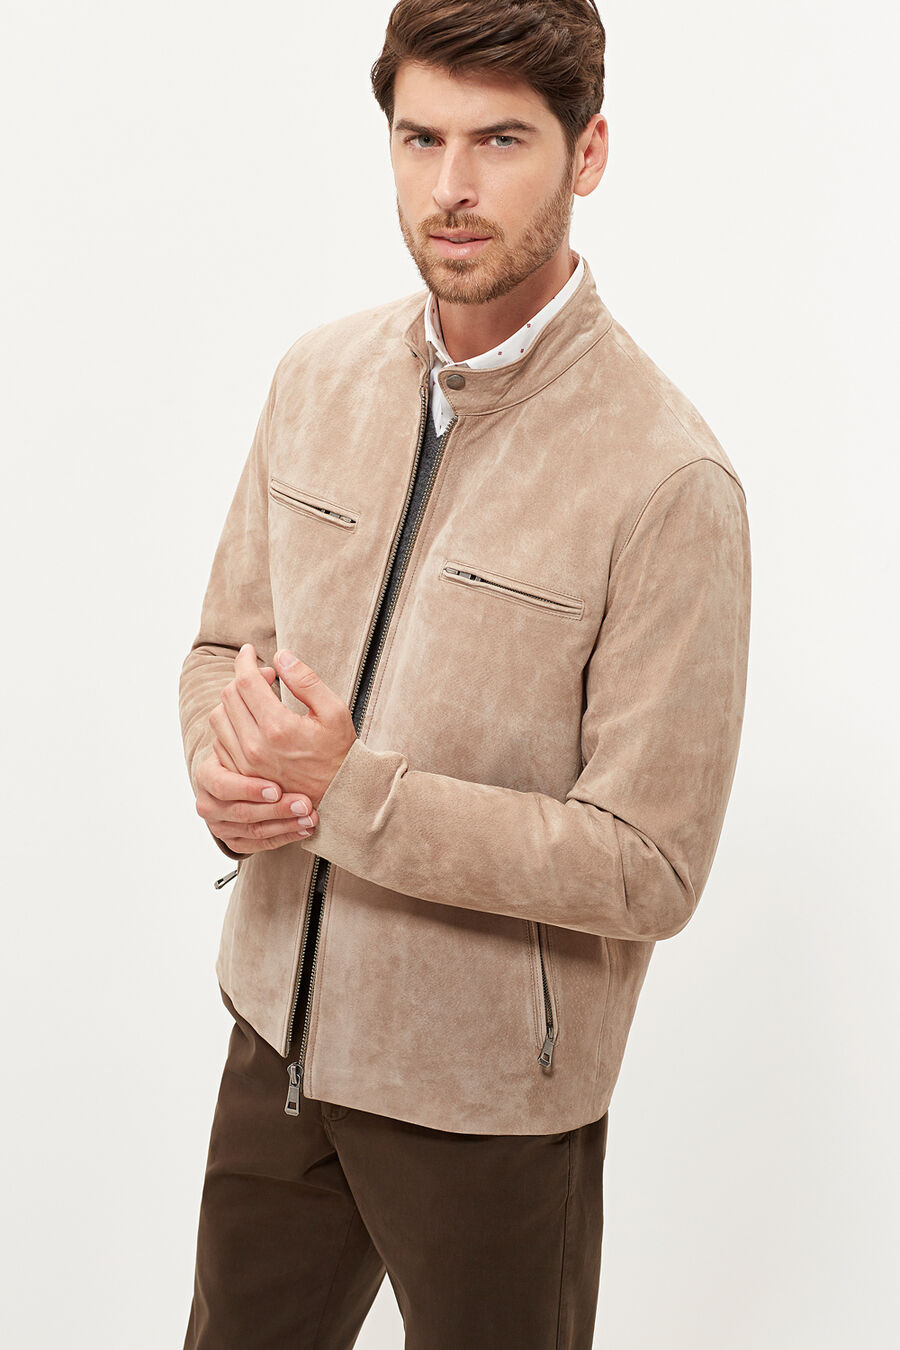 Peccary jacket